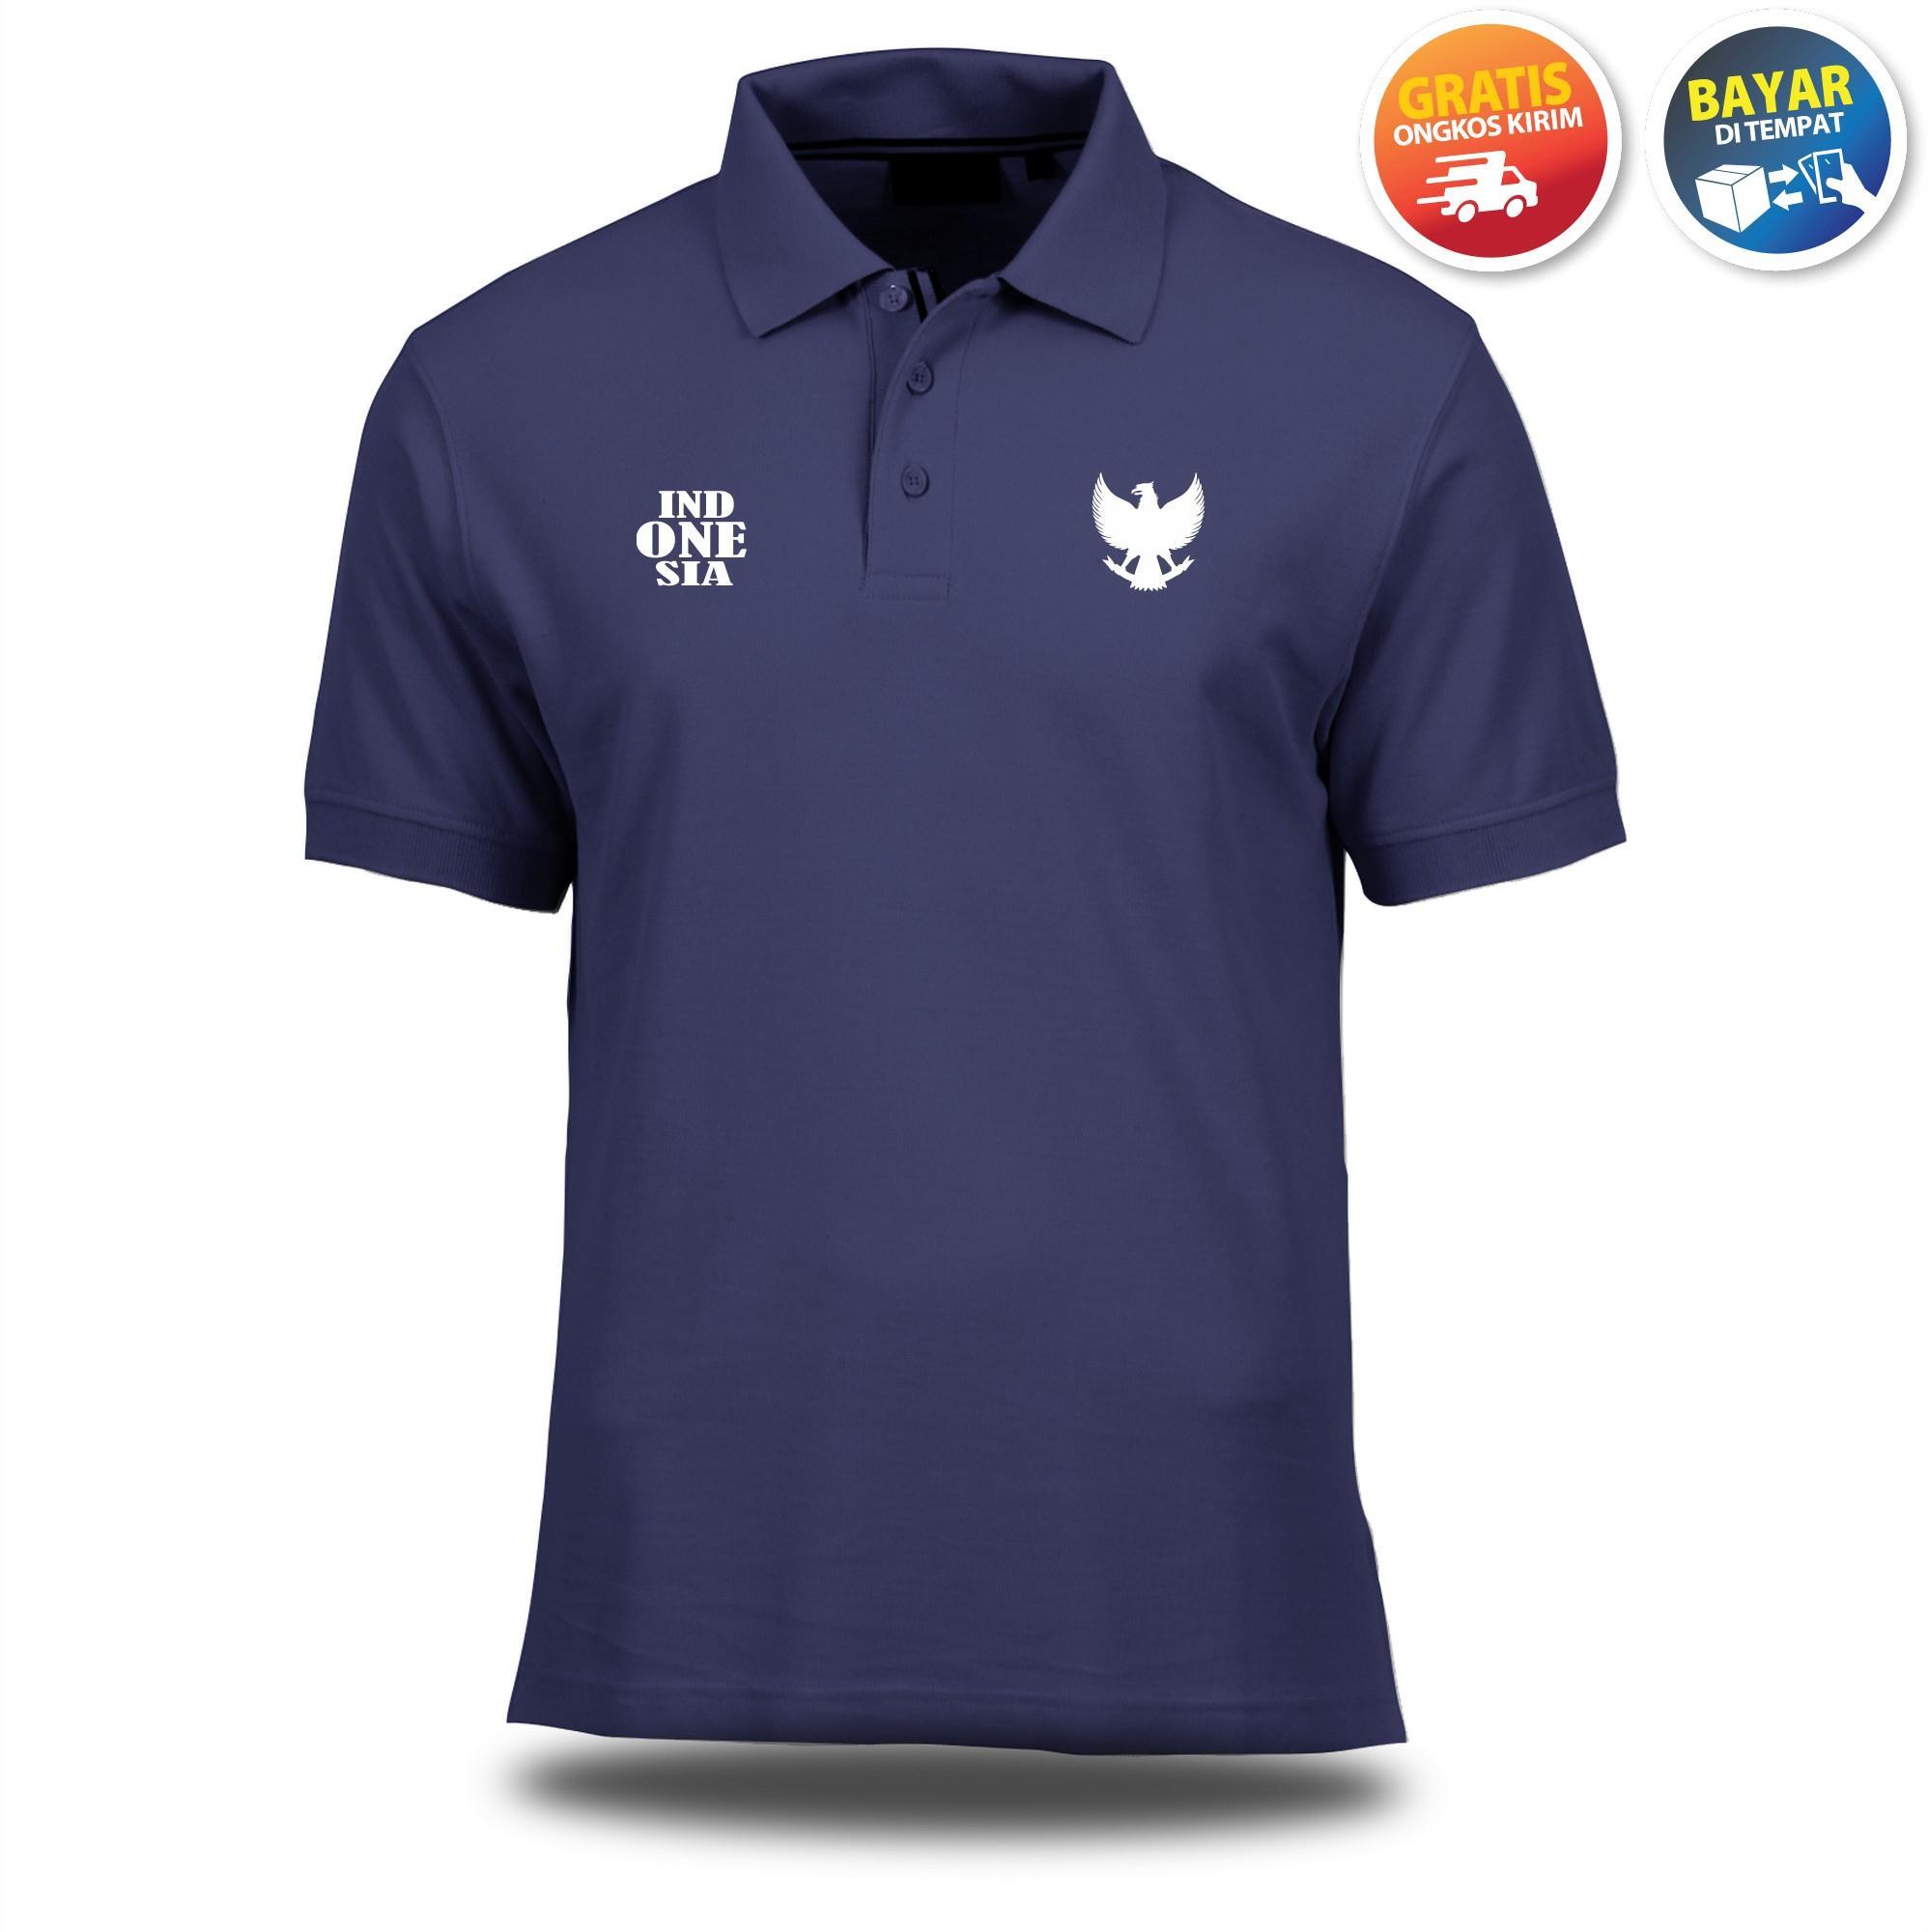 Kaos Polo Shirt Kaos Distro T-Shirt Distro kaos Pria Tshirt Pria Distro  Pria Baju d93e4c7cad